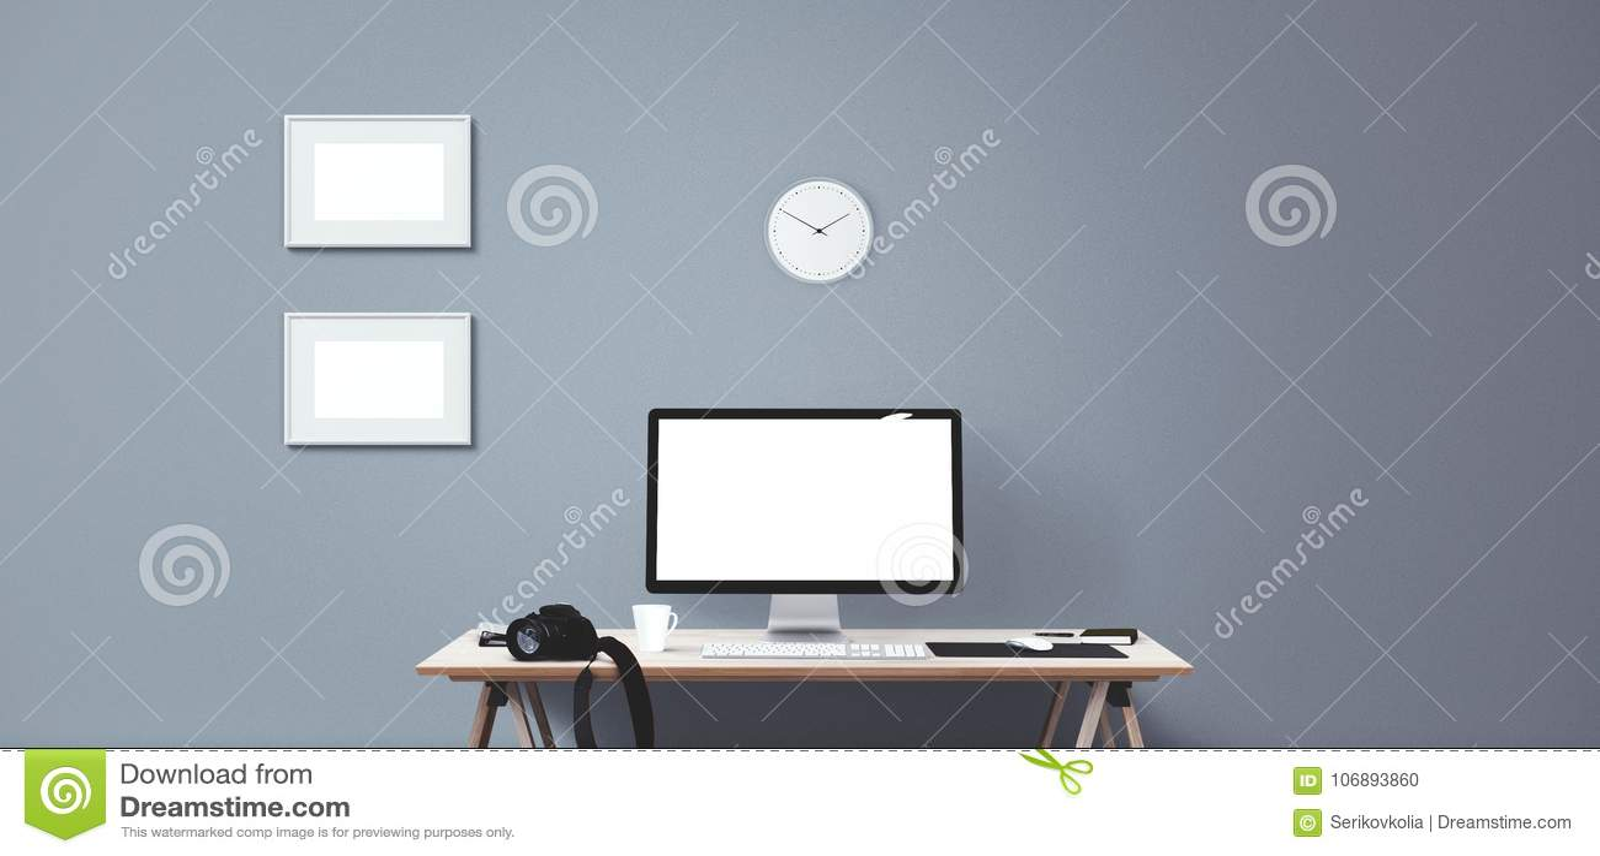 Komputerowego pokazu i biura narzędzia Komputeru stacjonarnego ekran